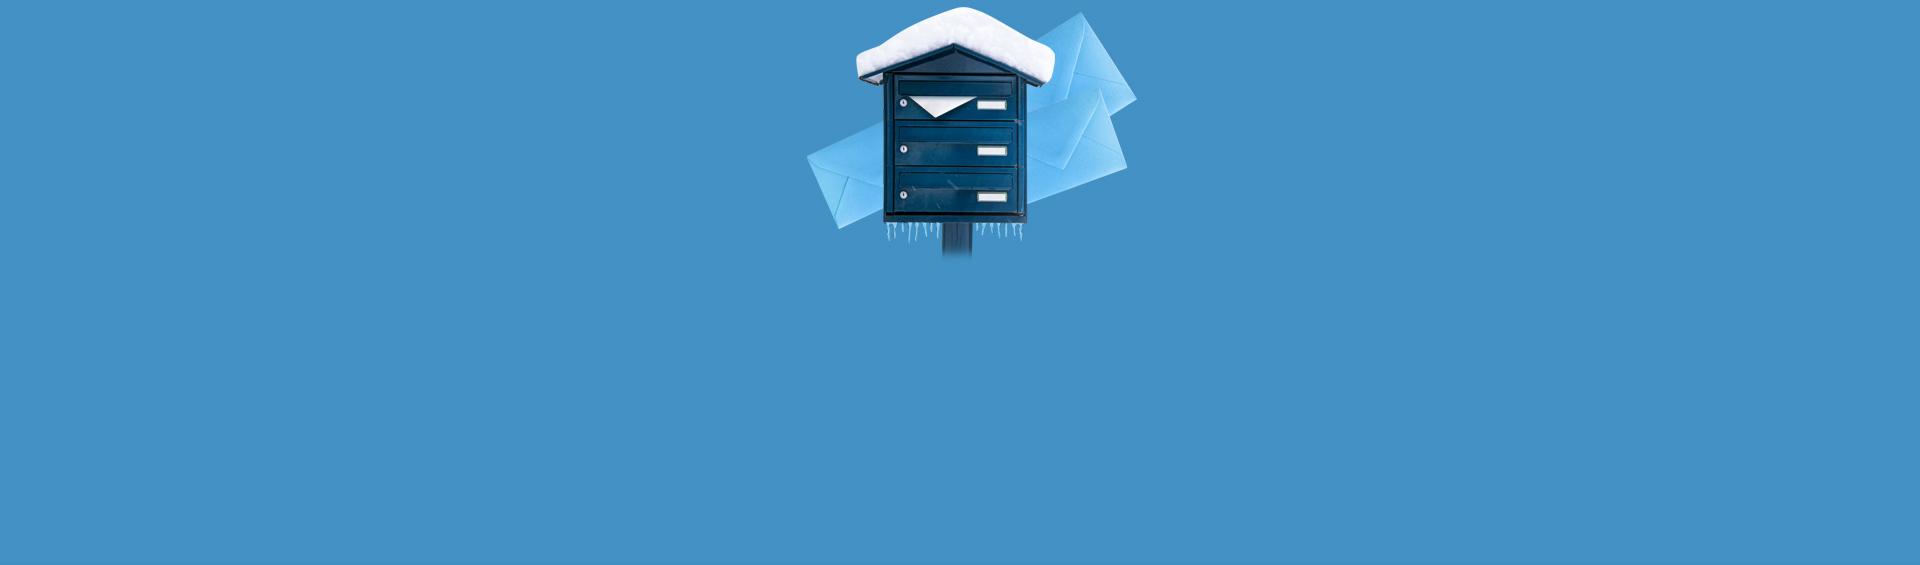 Холодные письма: каксделать рассылку инестать спамером